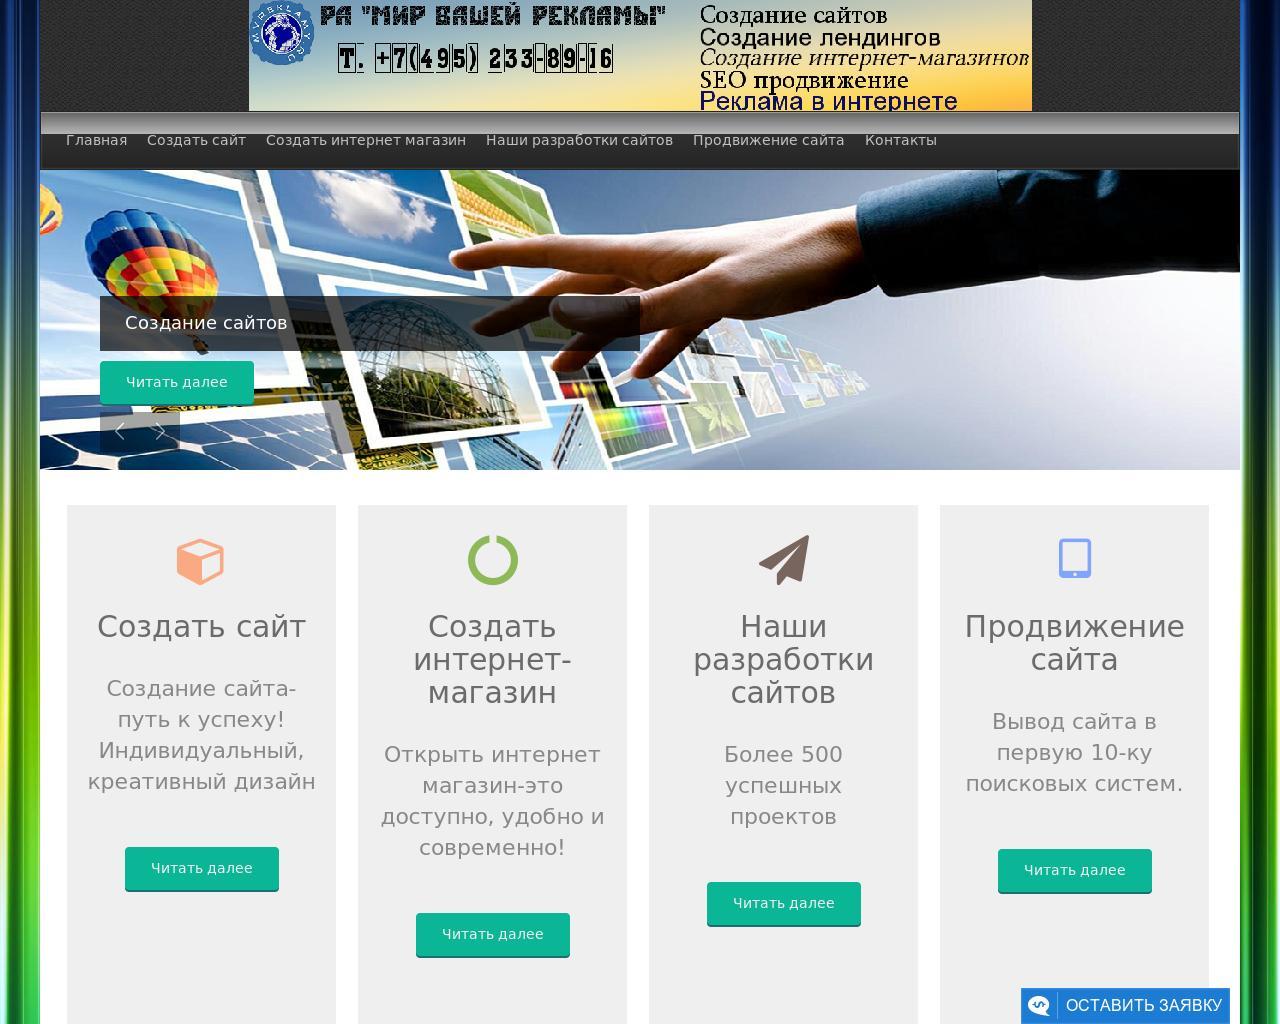 Создание сайтов хмельницкий продвижение сайта на платформе викс